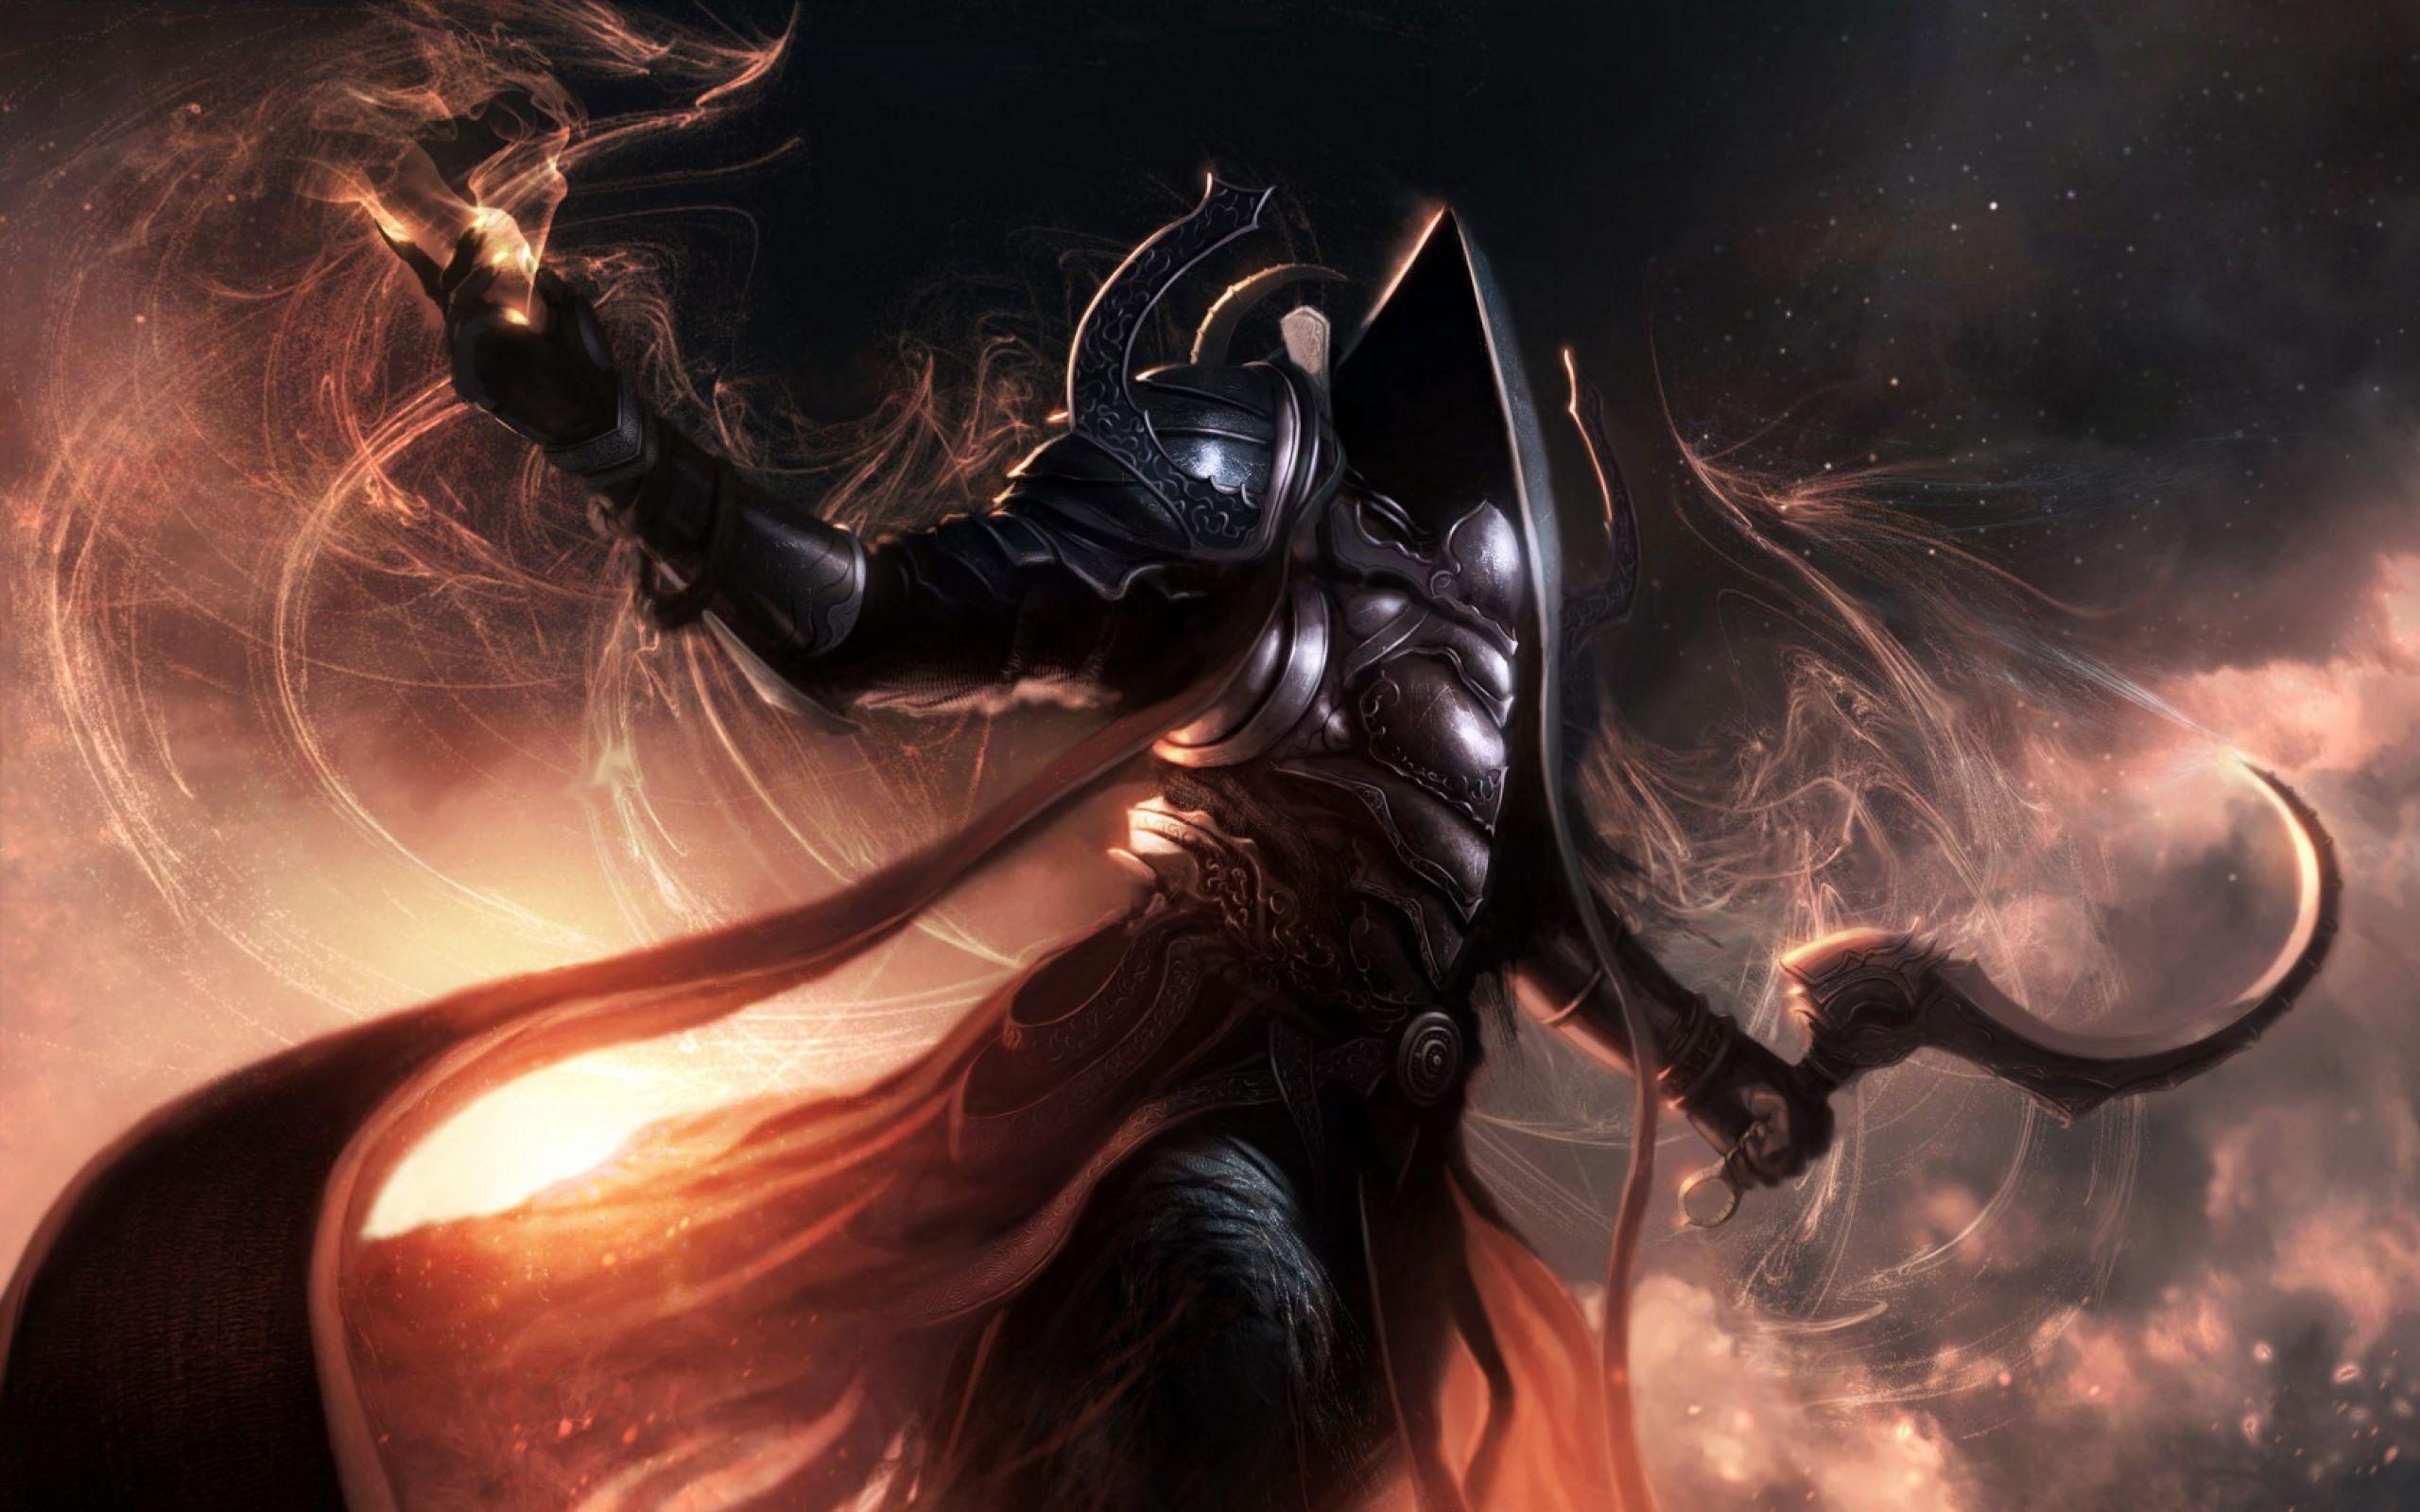 Diablo 3 Reaper Of Souls Hd Wallpaper Diablo ángeles Y